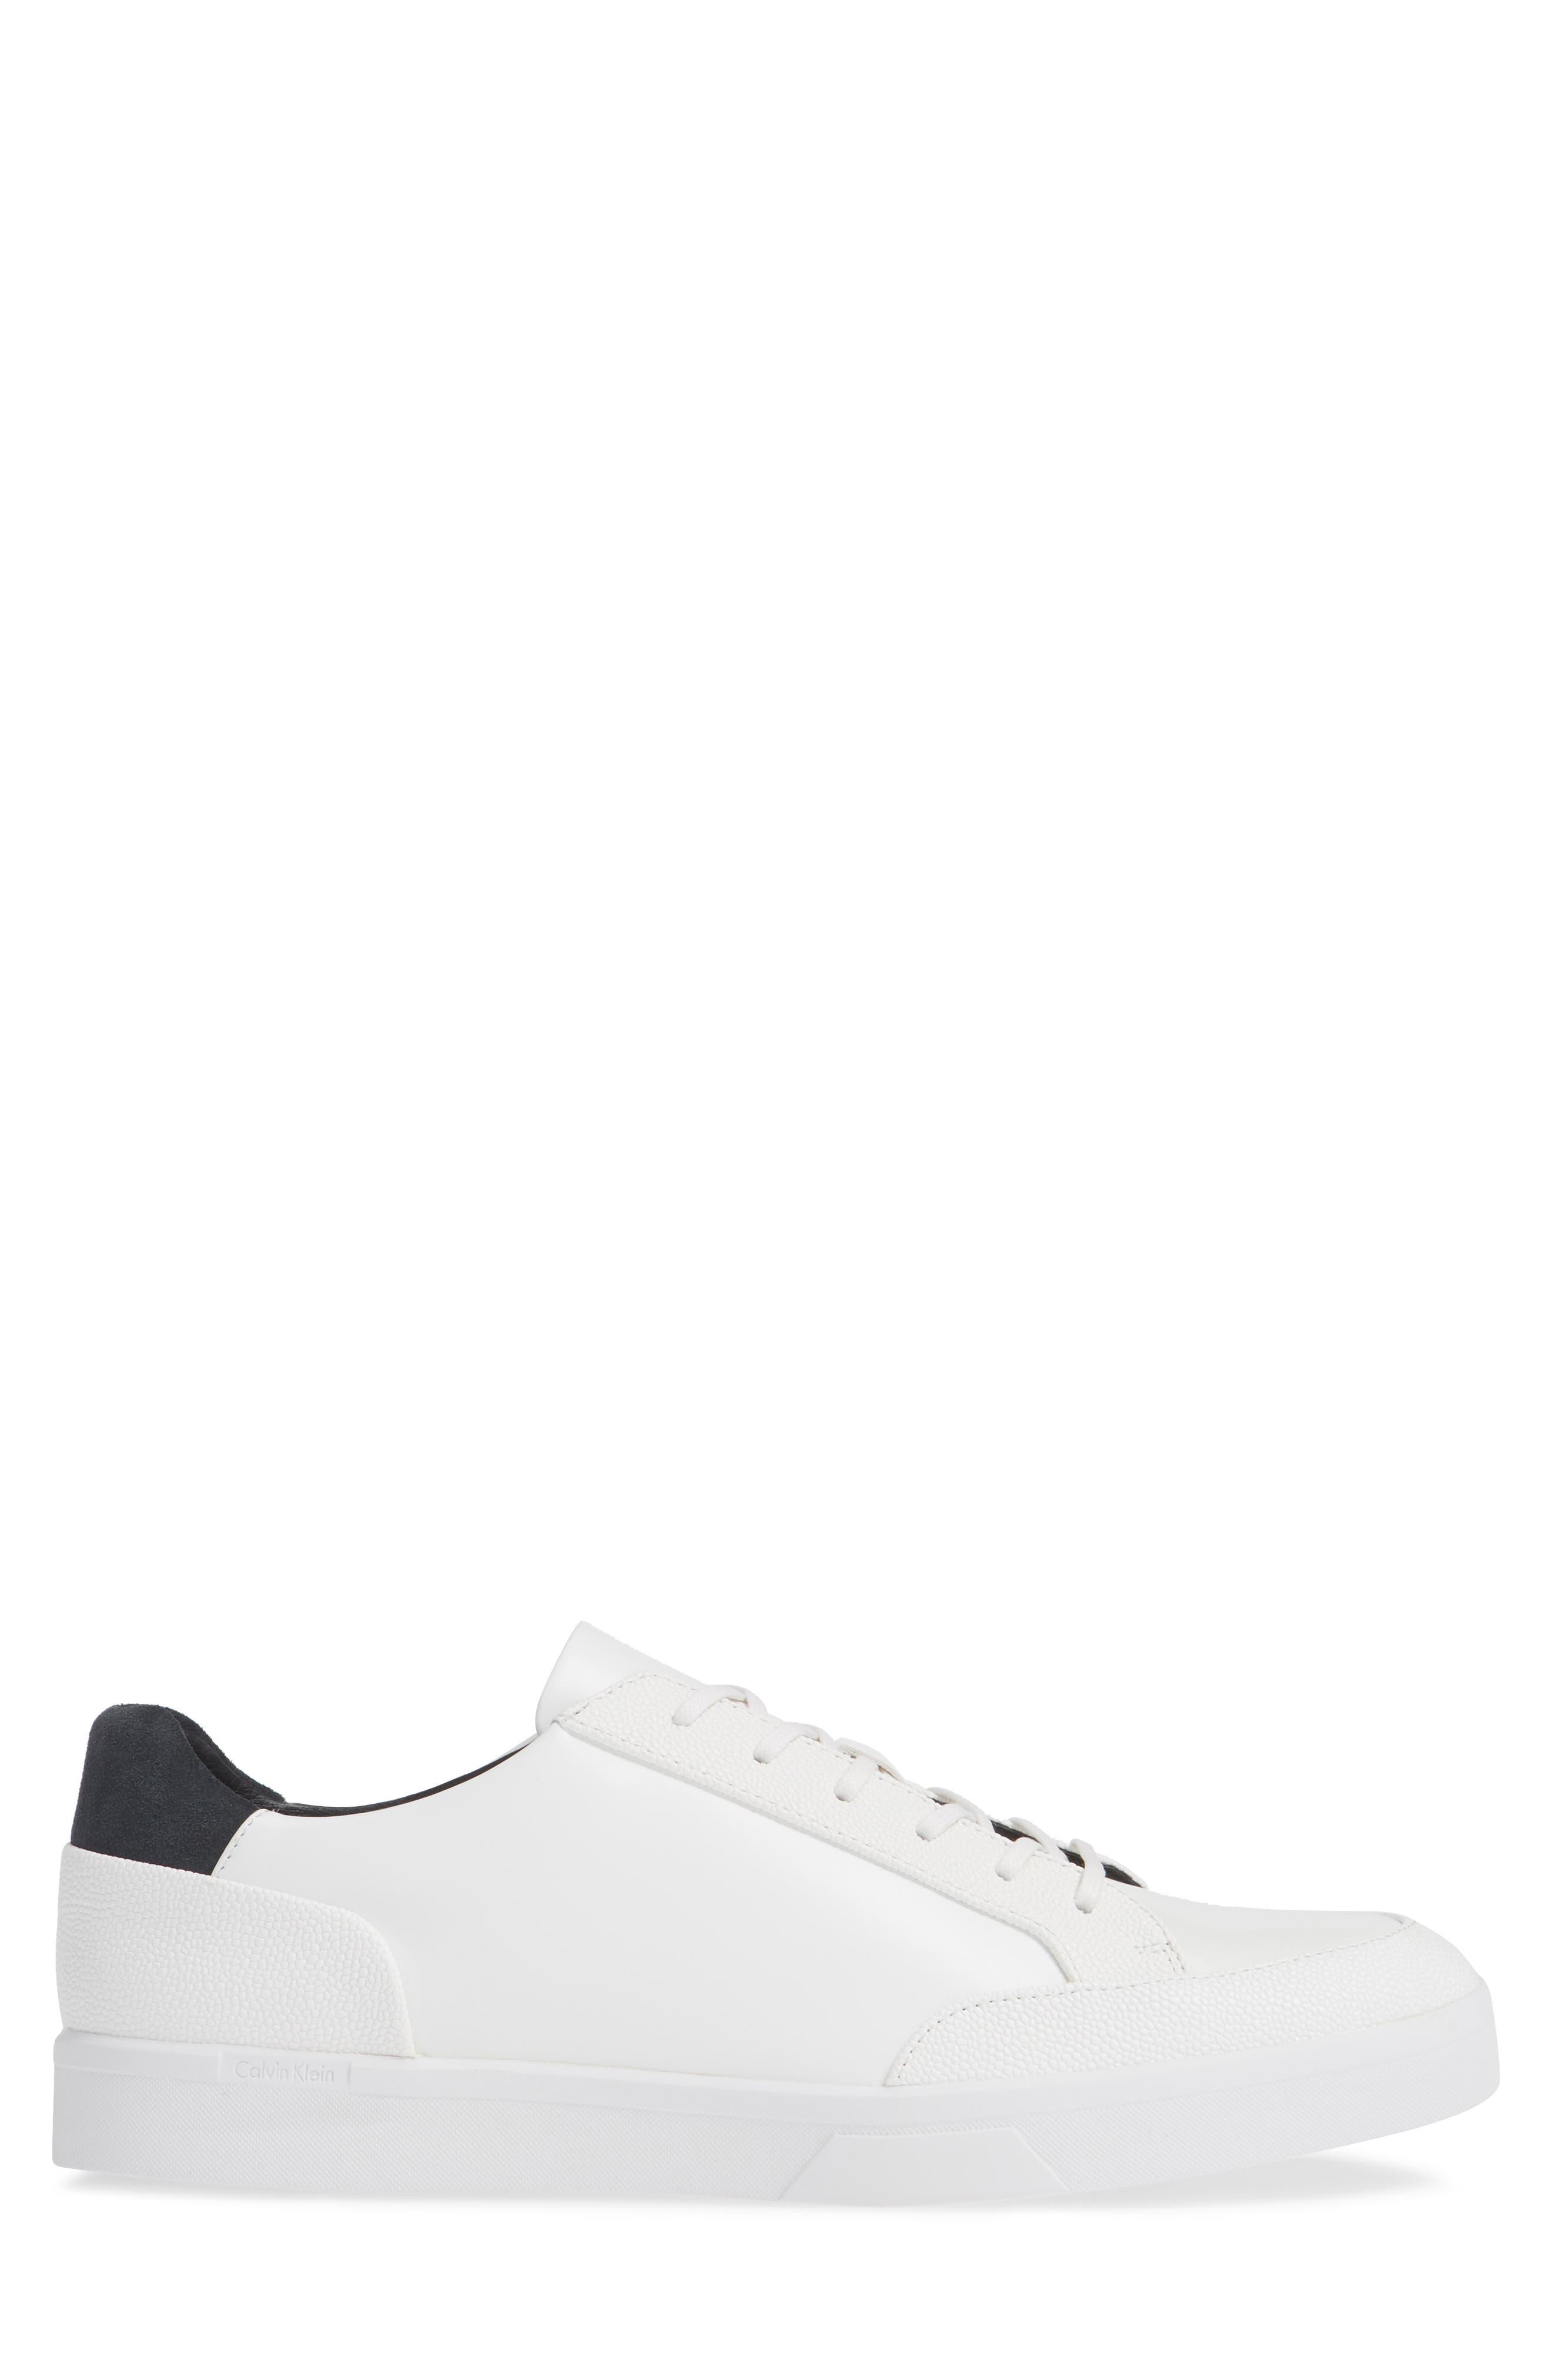 Izar Sneaker,                             Alternate thumbnail 3, color,                             WHITE LEATHER